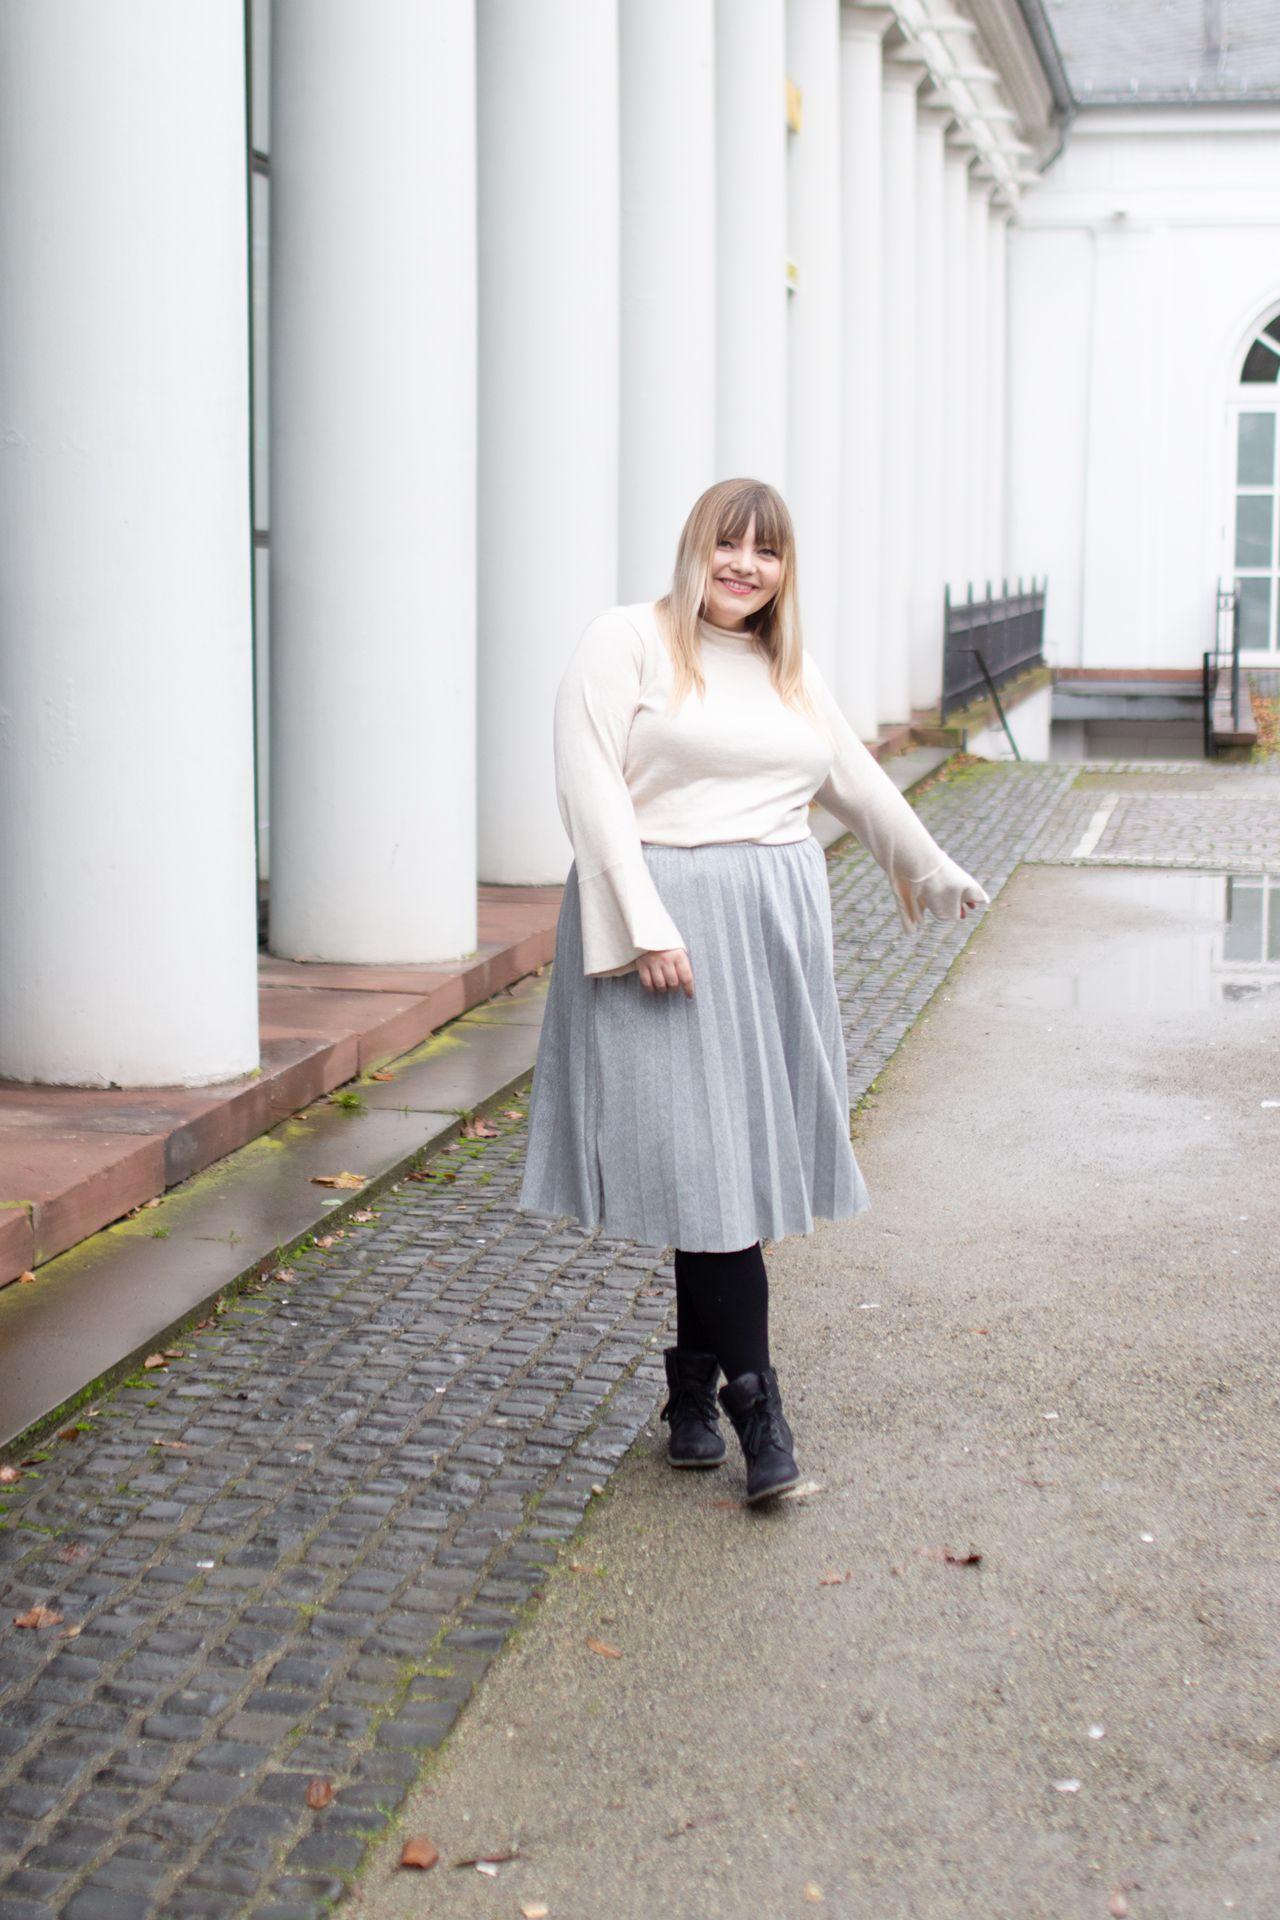 Plus Size Influencer Kollektion Von Ulla Popken  Illusion